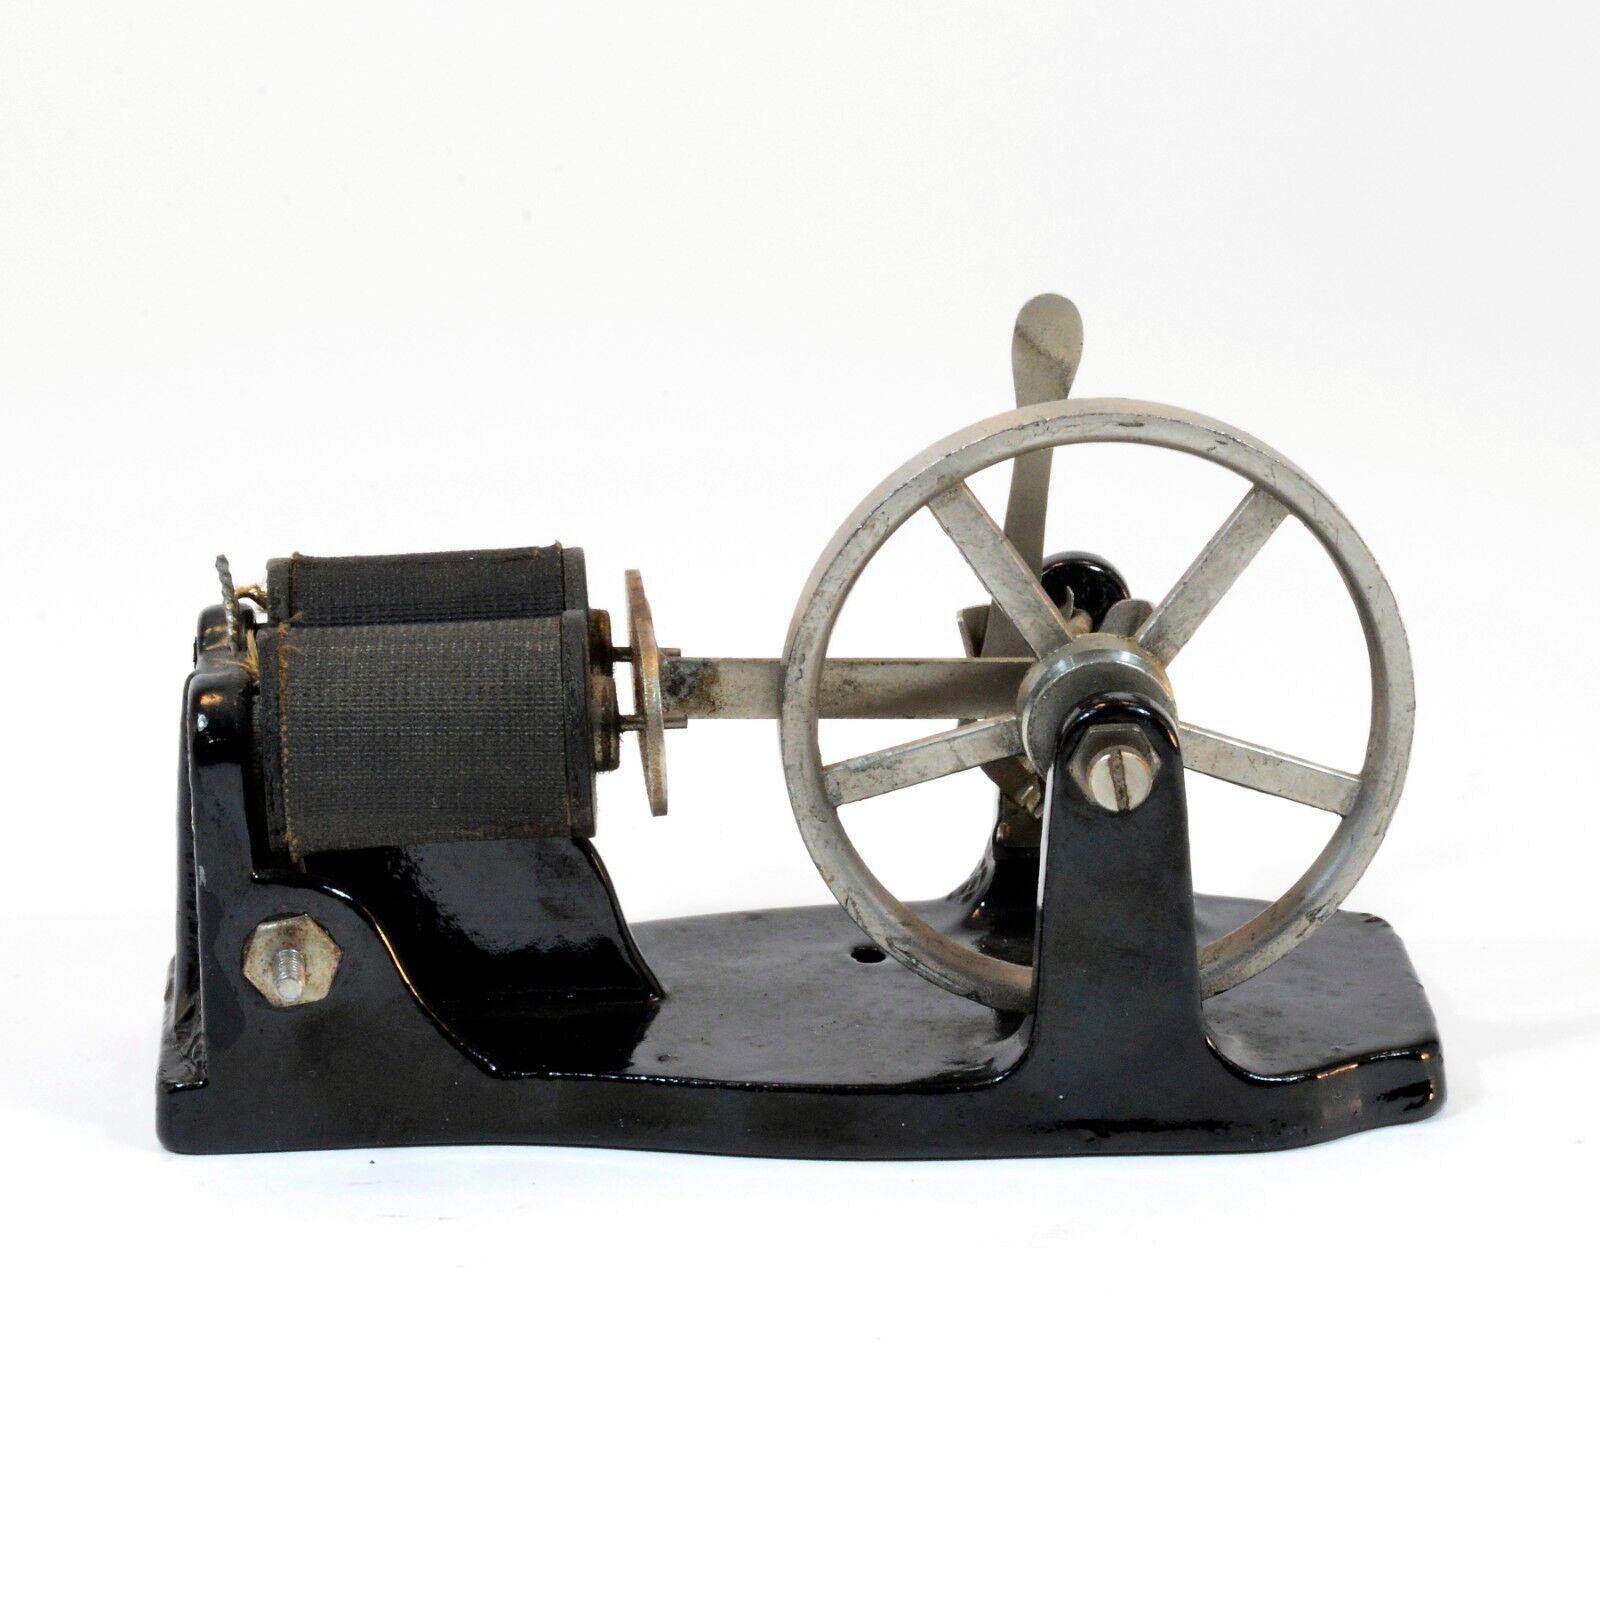 ANTIQUE RARE MINIATURE DUAL COIL HORIZONTAL ENGINE CIRCA 1910